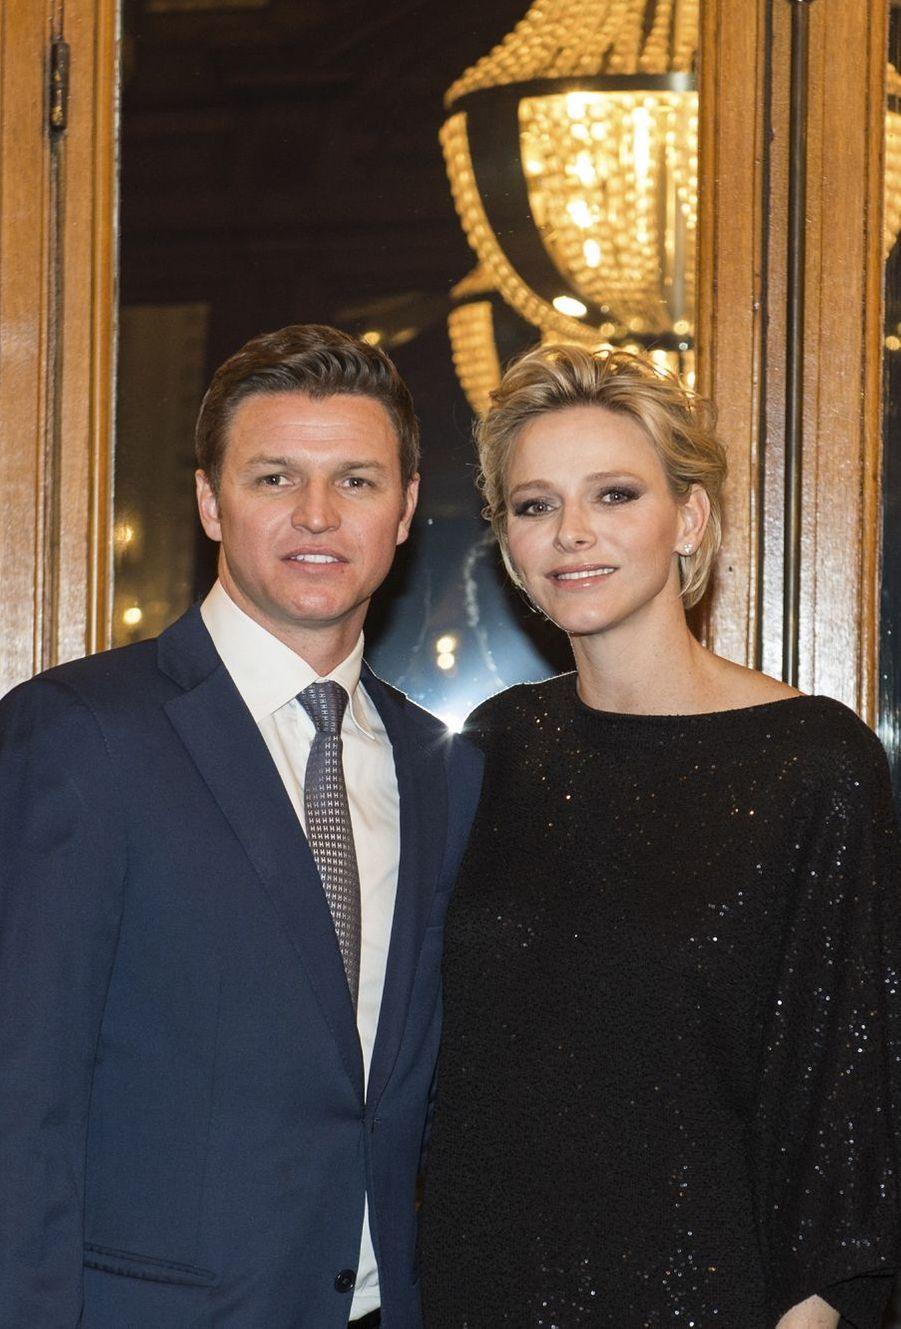 La Princesse Charlène de Monaco et son frère Gareth Wittstock, parrain de Gabriella